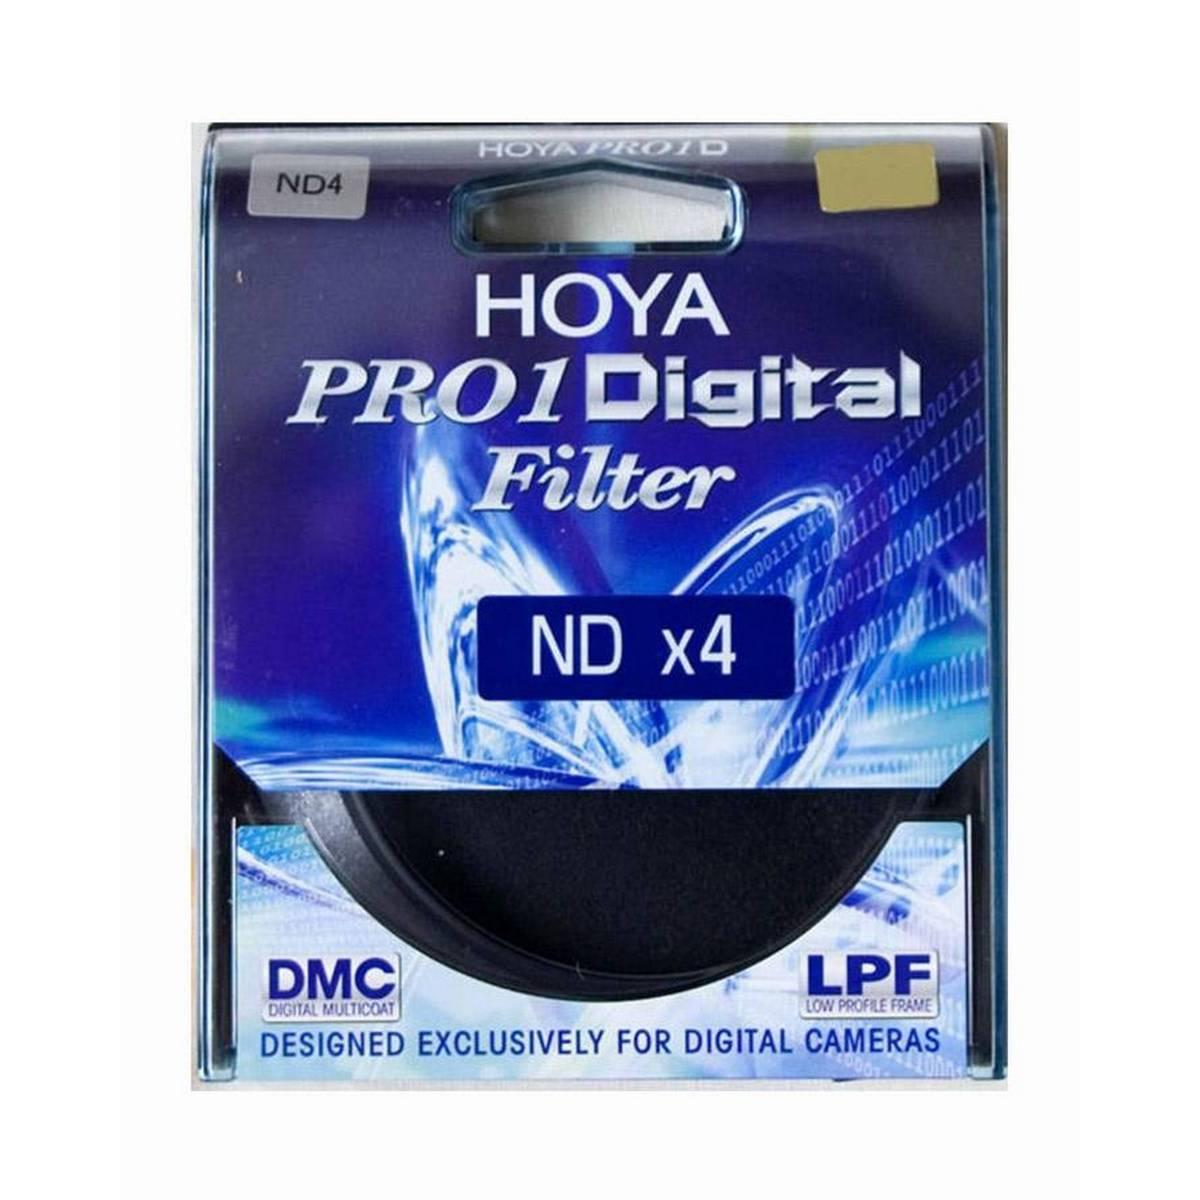 Lens Filter Hoya ND 4 82mm Pro1 Digital Multi-coated Filter